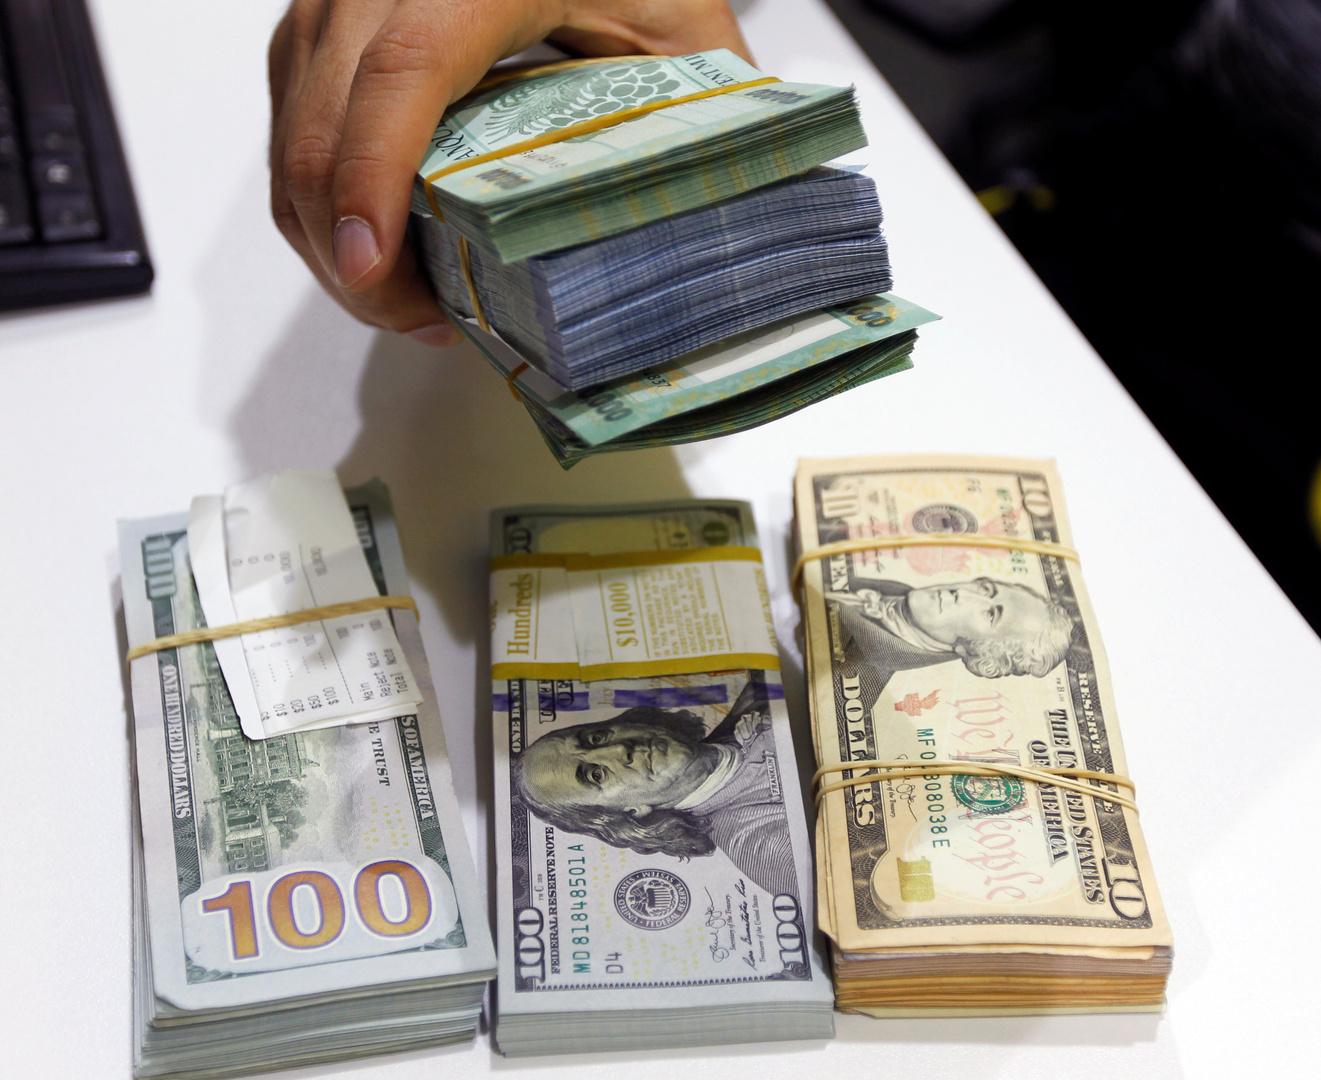 مصرف لبنان يبدأ إجراءات للجم ارتفاع سعر الدولار